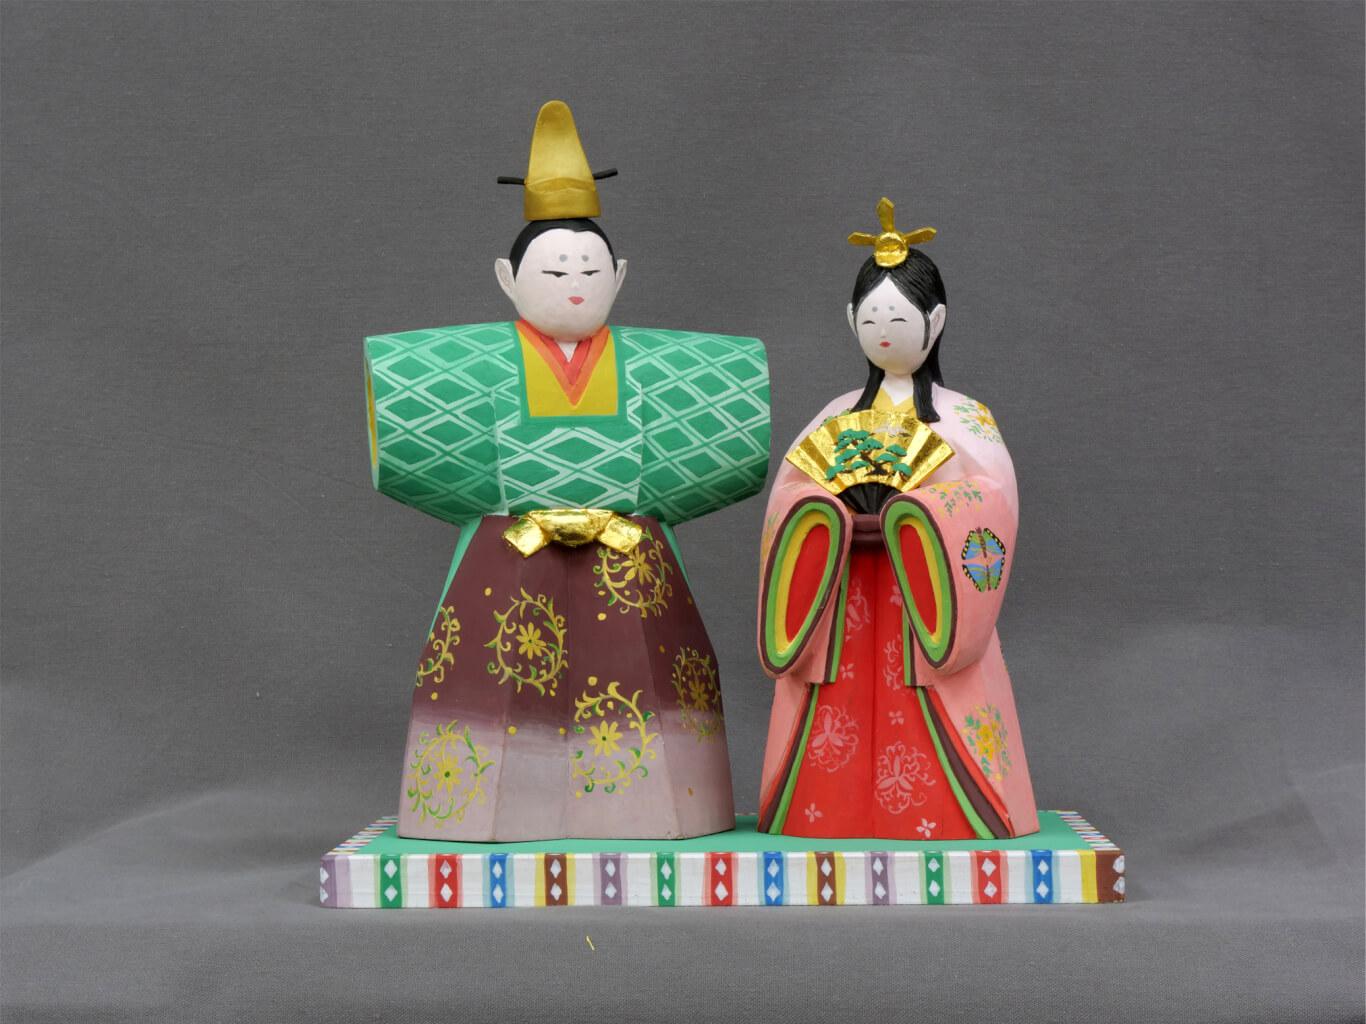 ひな人形制作(木彫・彩色)